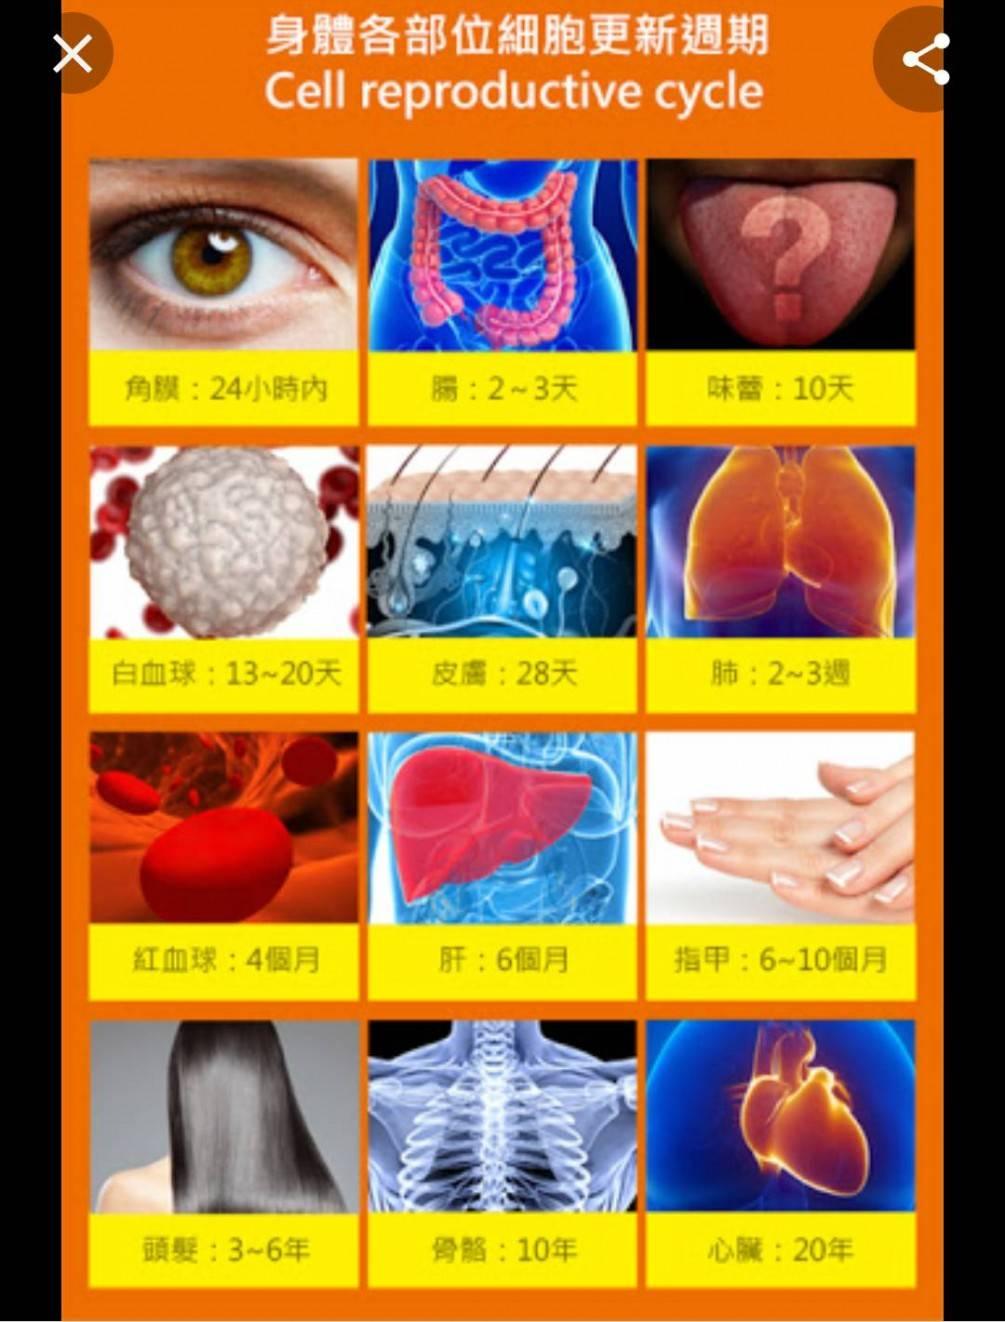 人體具有神奇的自我修復功能,一些器官和細胞會持續不斷地更新,美國科學家與醫學專家稱之為「維護性細胞再生」